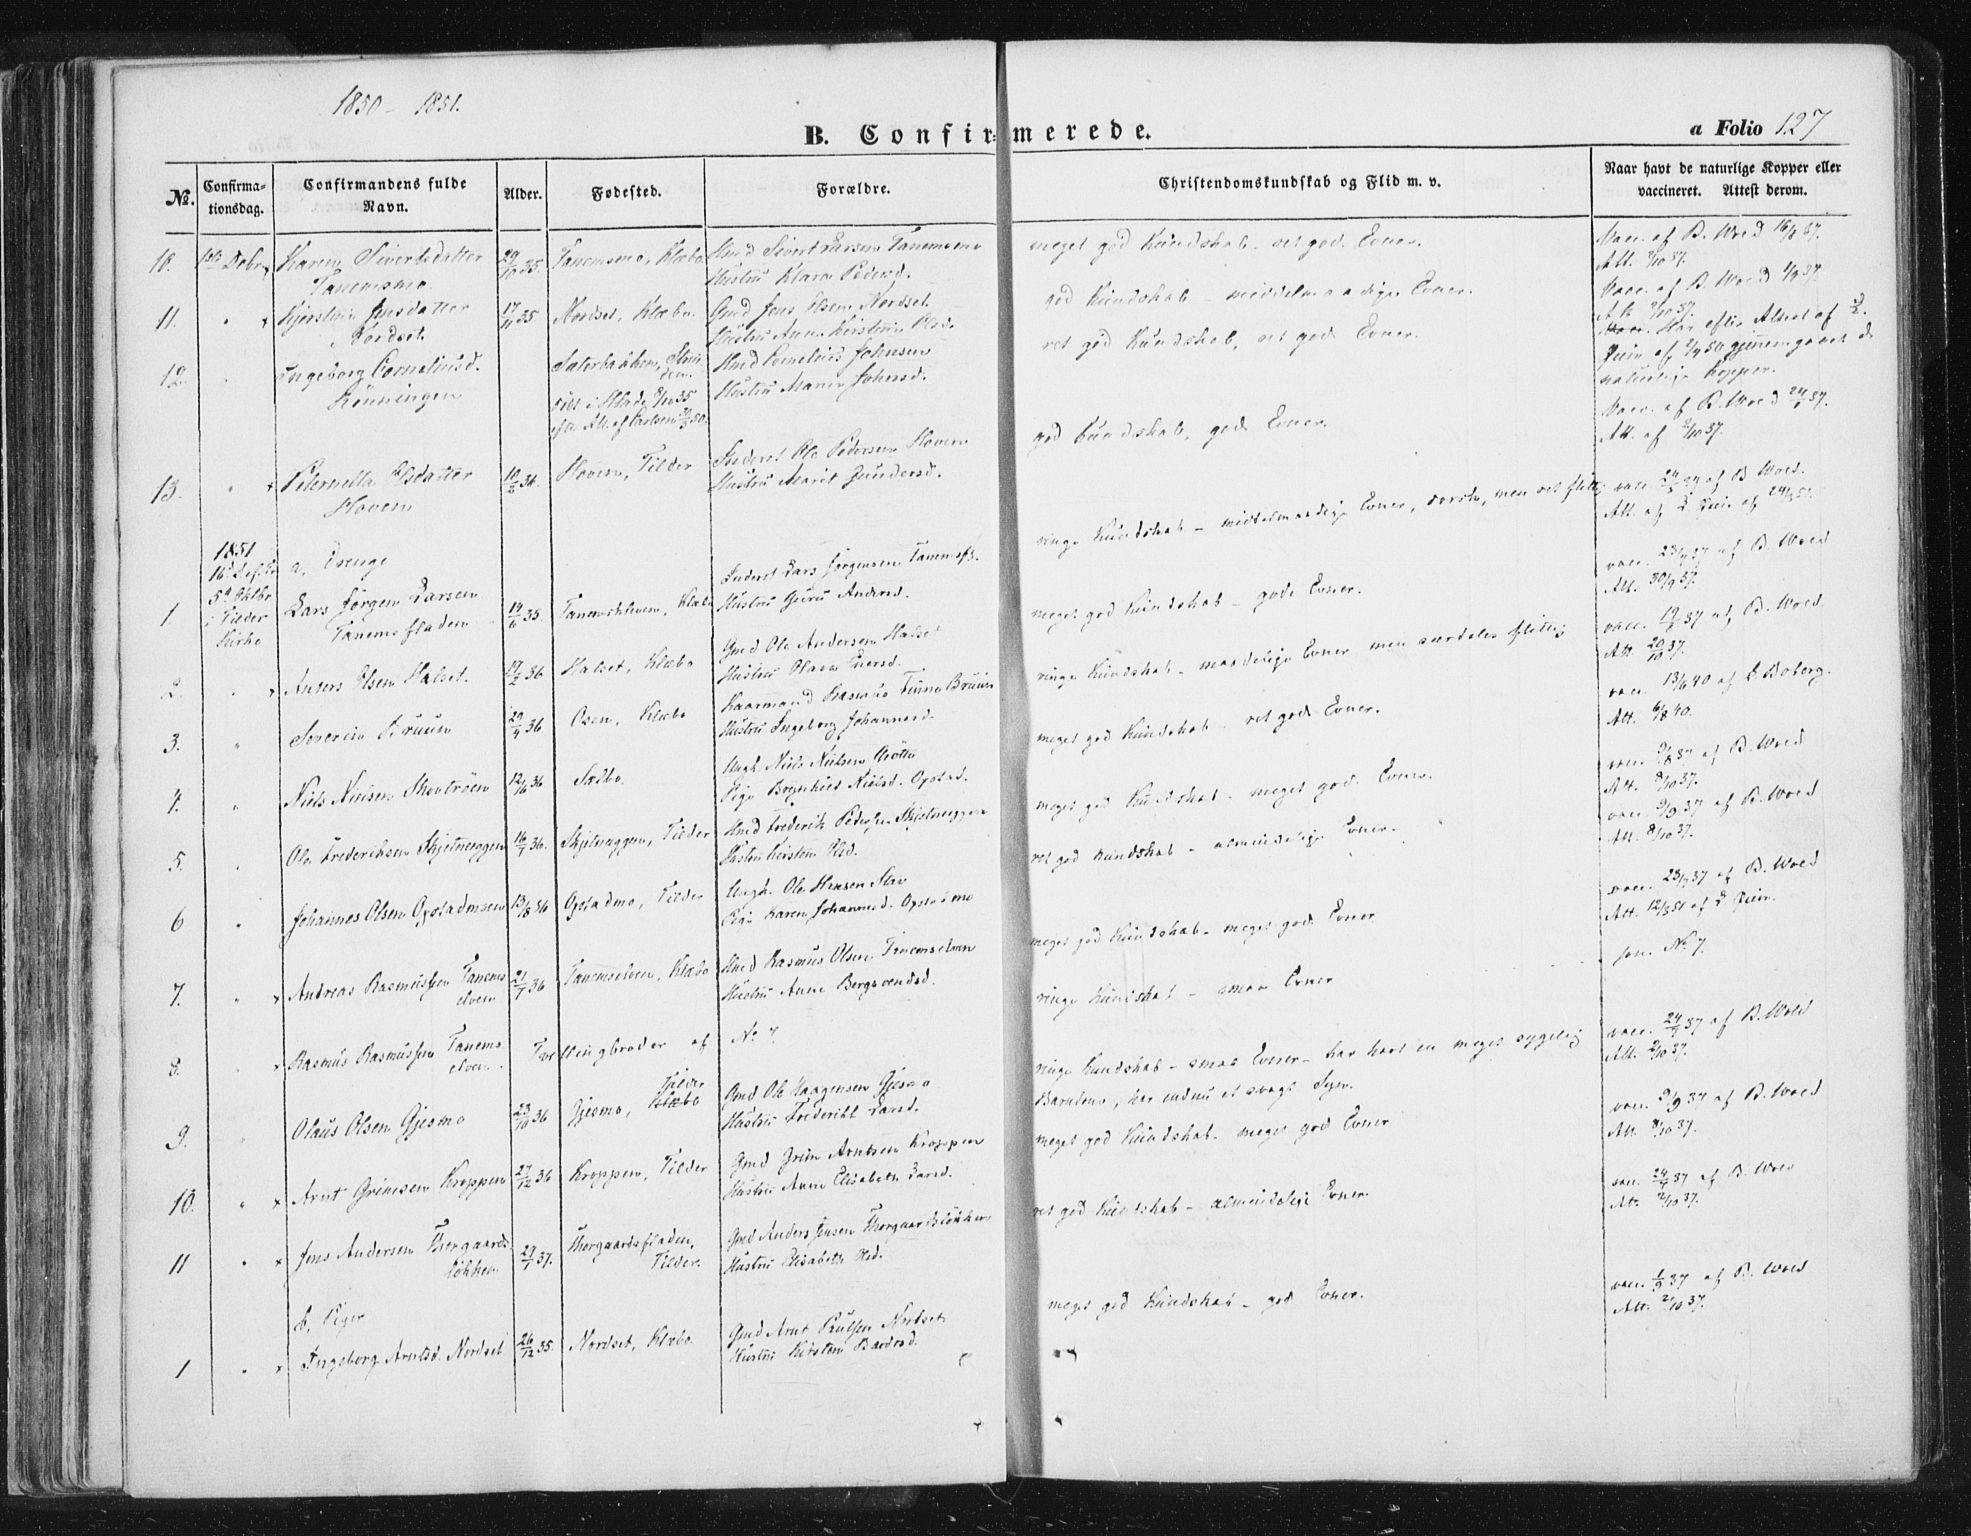 SAT, Ministerialprotokoller, klokkerbøker og fødselsregistre - Sør-Trøndelag, 618/L0441: Ministerialbok nr. 618A05, 1843-1862, s. 127